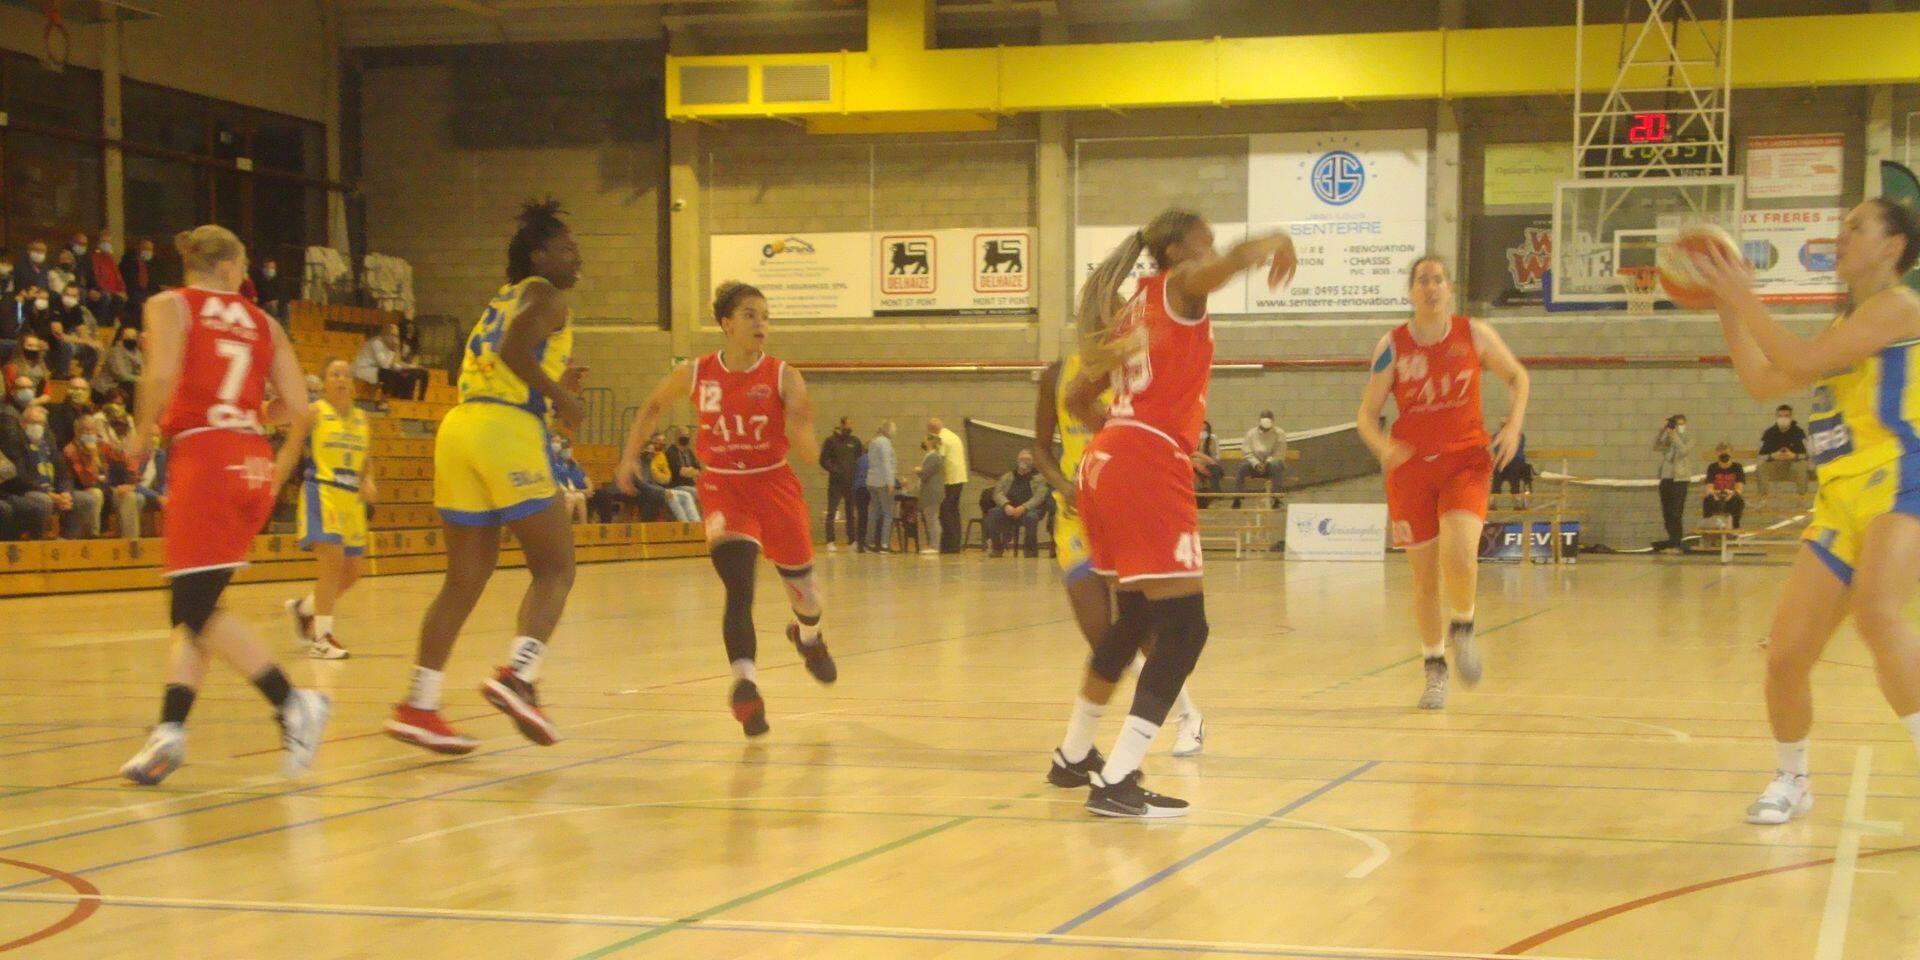 Basket-ball : un Castors-Namur amical avec quelques enseignements